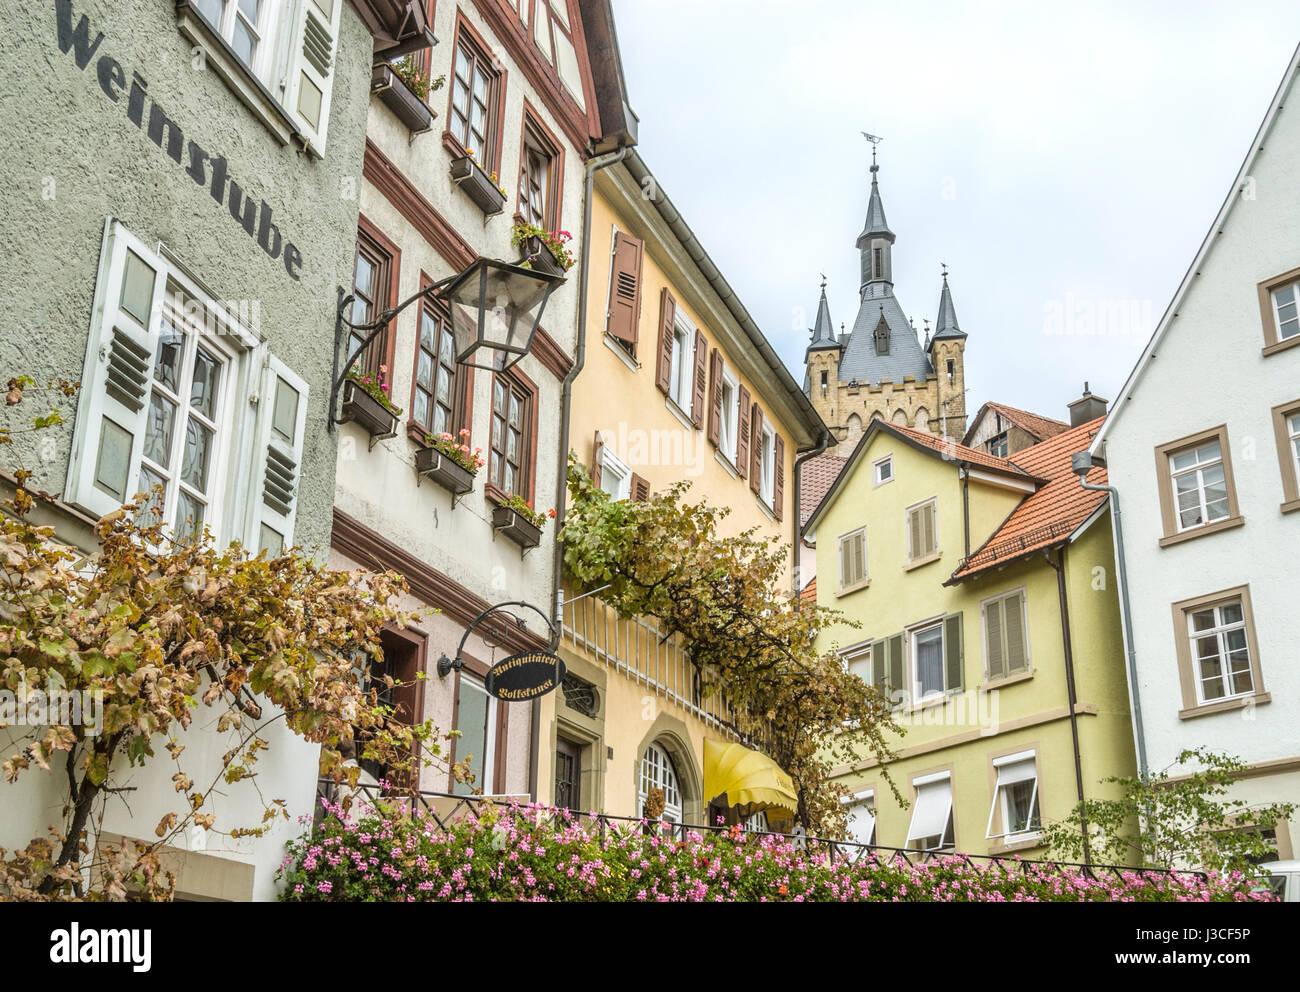 Mittelalterliche Altstadt von Bad Wimpfen, Baden-Württemberg, Süddeutschland | Fachwerkhaueser in der Stockbild